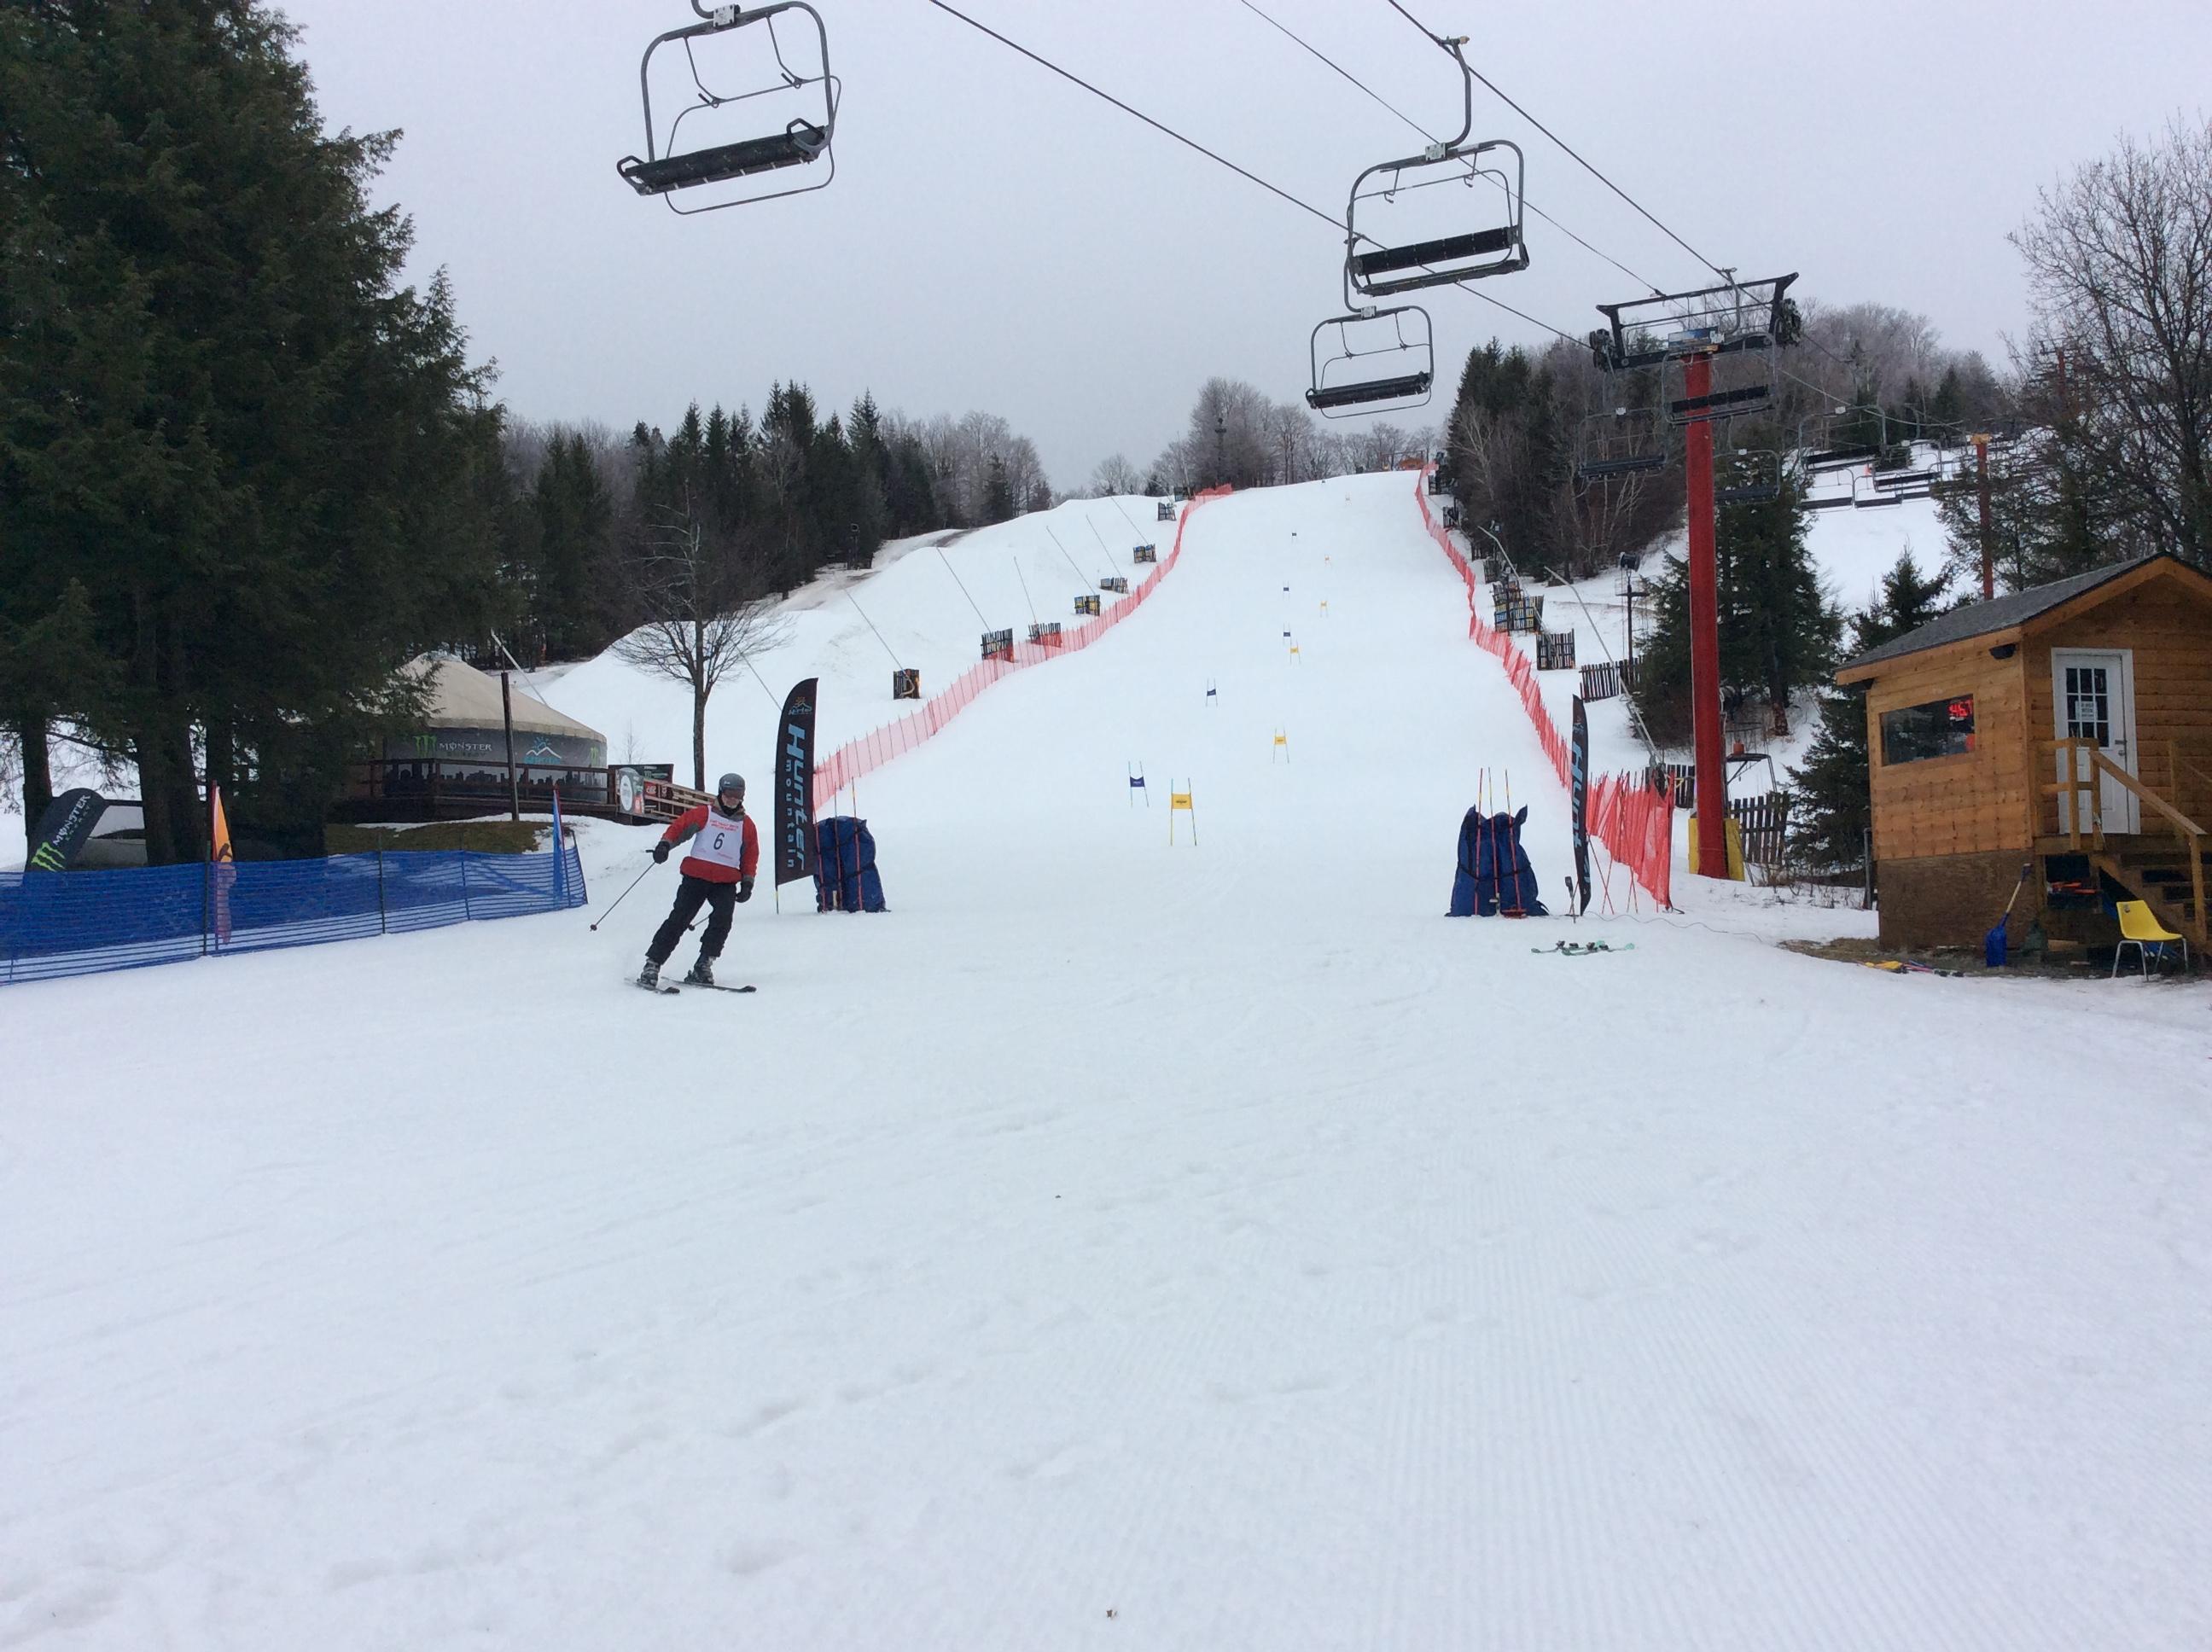 nypd-ski-club_31585123383_o